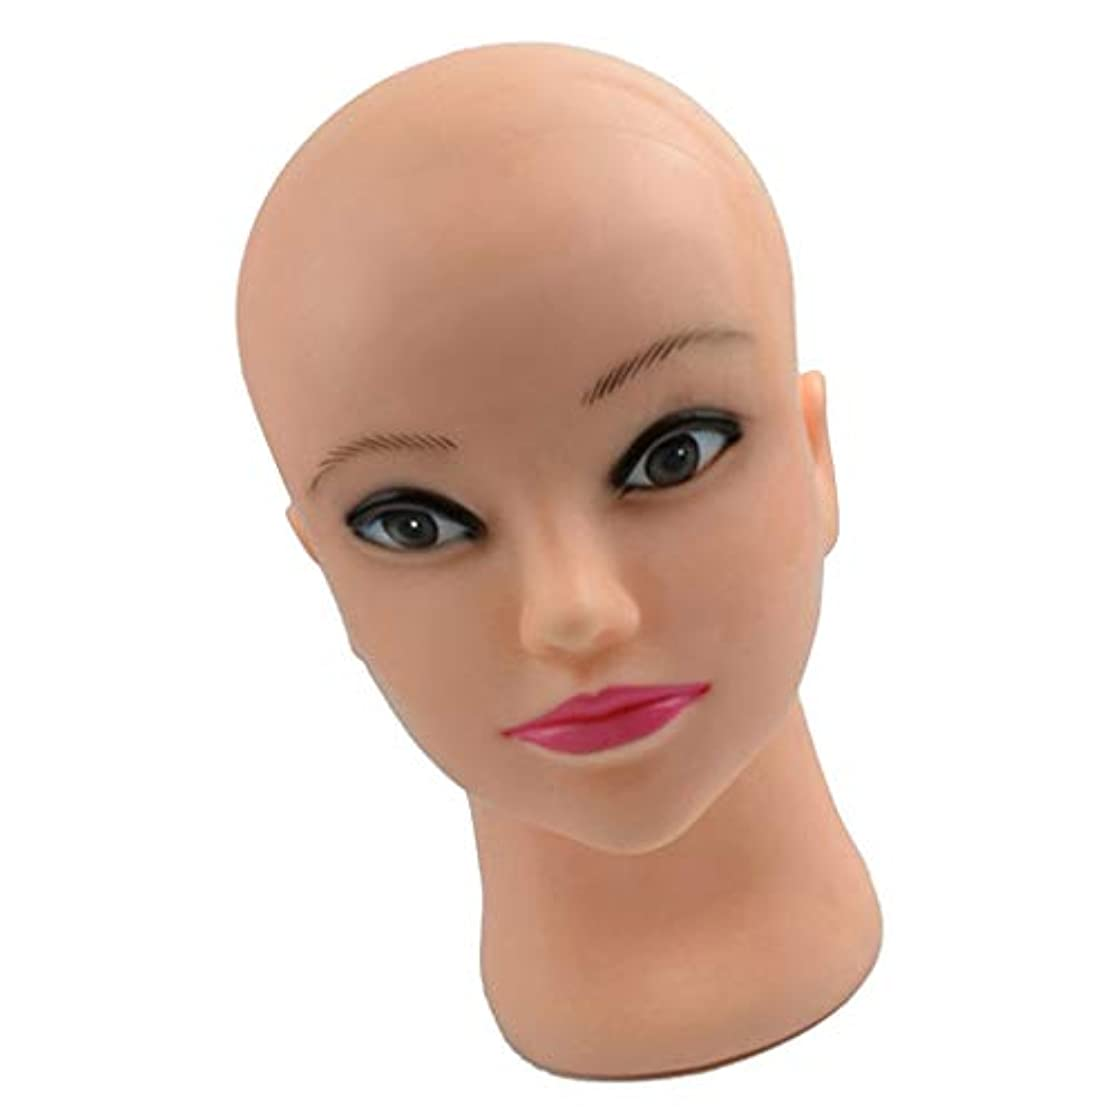 壁死んでいる刺激するPerfeclan マネキンヘッド メイク 化粧練習 シリコーン メイク練習用 モデル 美容室用 トレーニングに